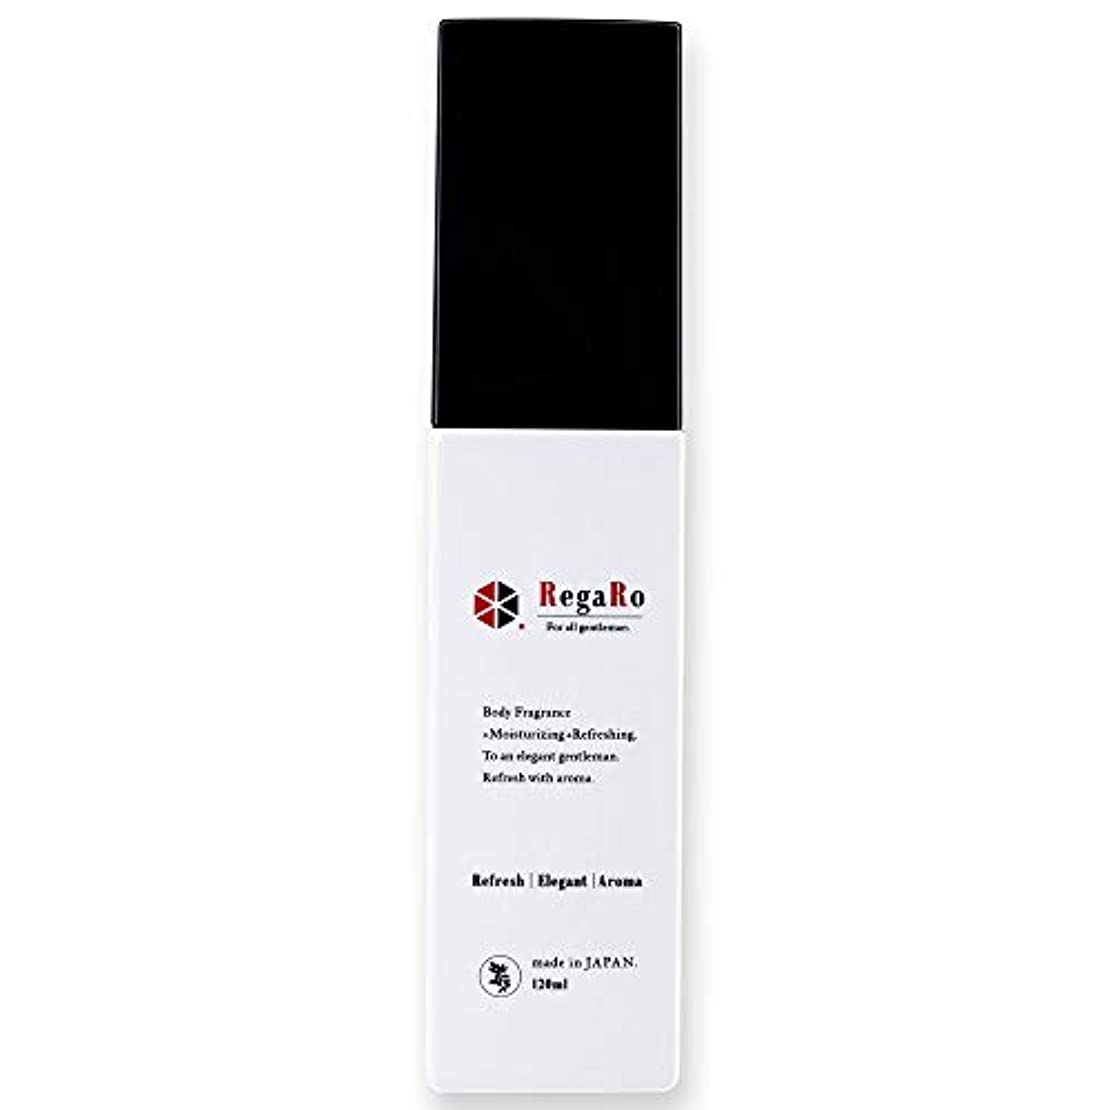 コットン品種かける【RegaRo】 アロマ デオドラント ミスト 香水 保湿 抑汗 防臭 防菌 120ml